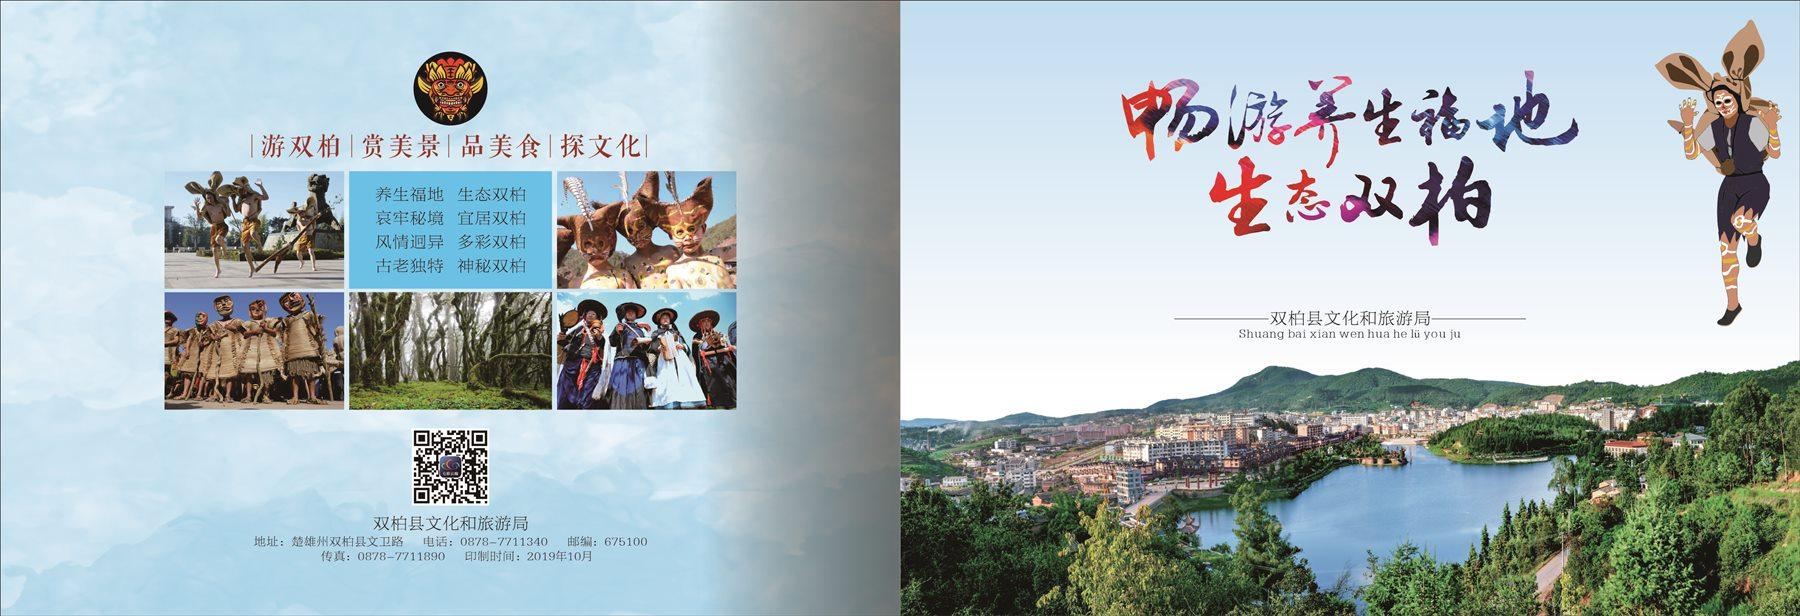 双柏旅游画册